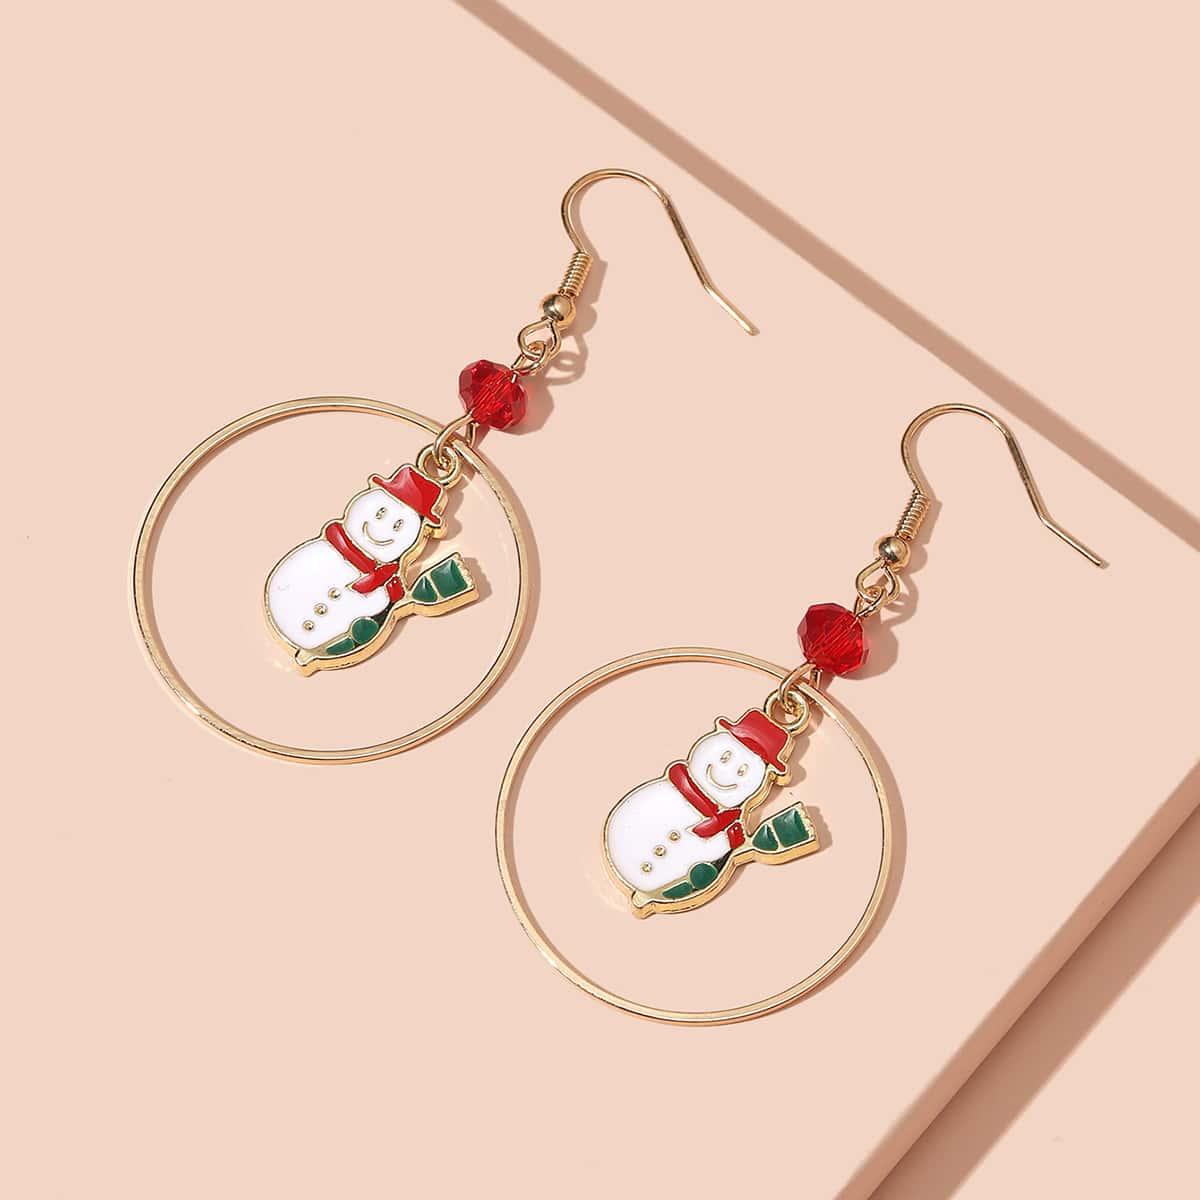 SHEIN / Weihnachten Ohrringe mit Schneemann Dekor